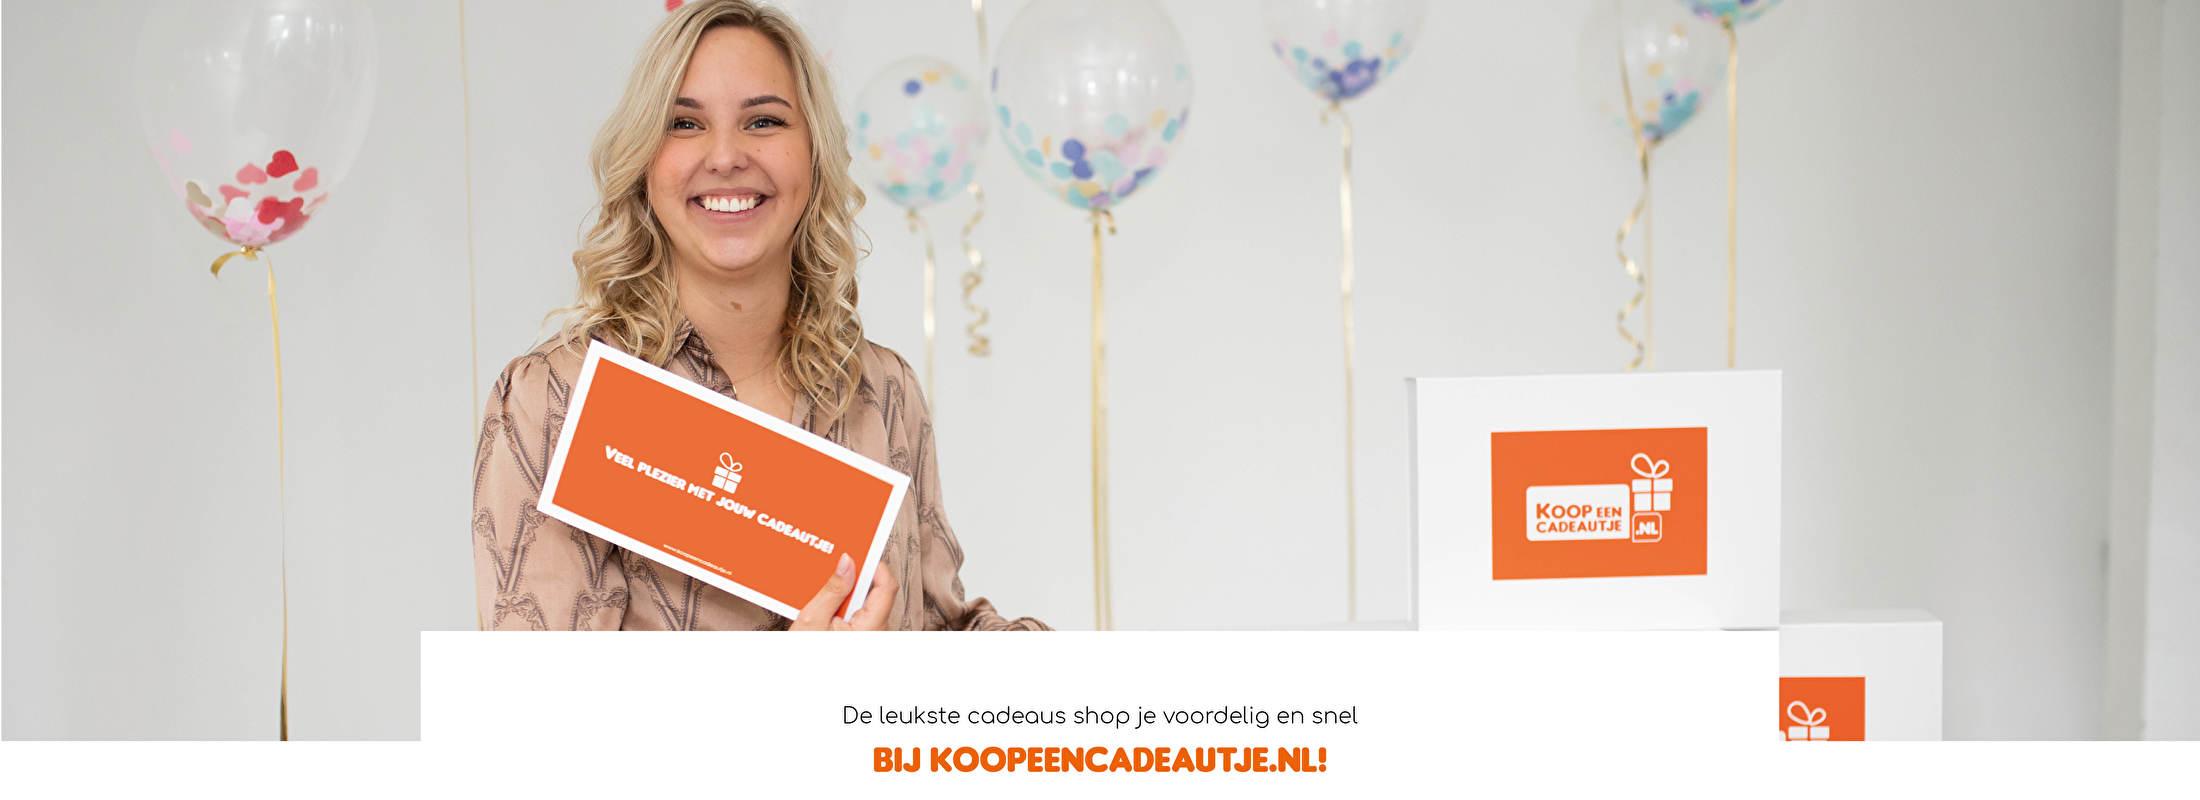 Bezoek Koopeencadeautje.nl